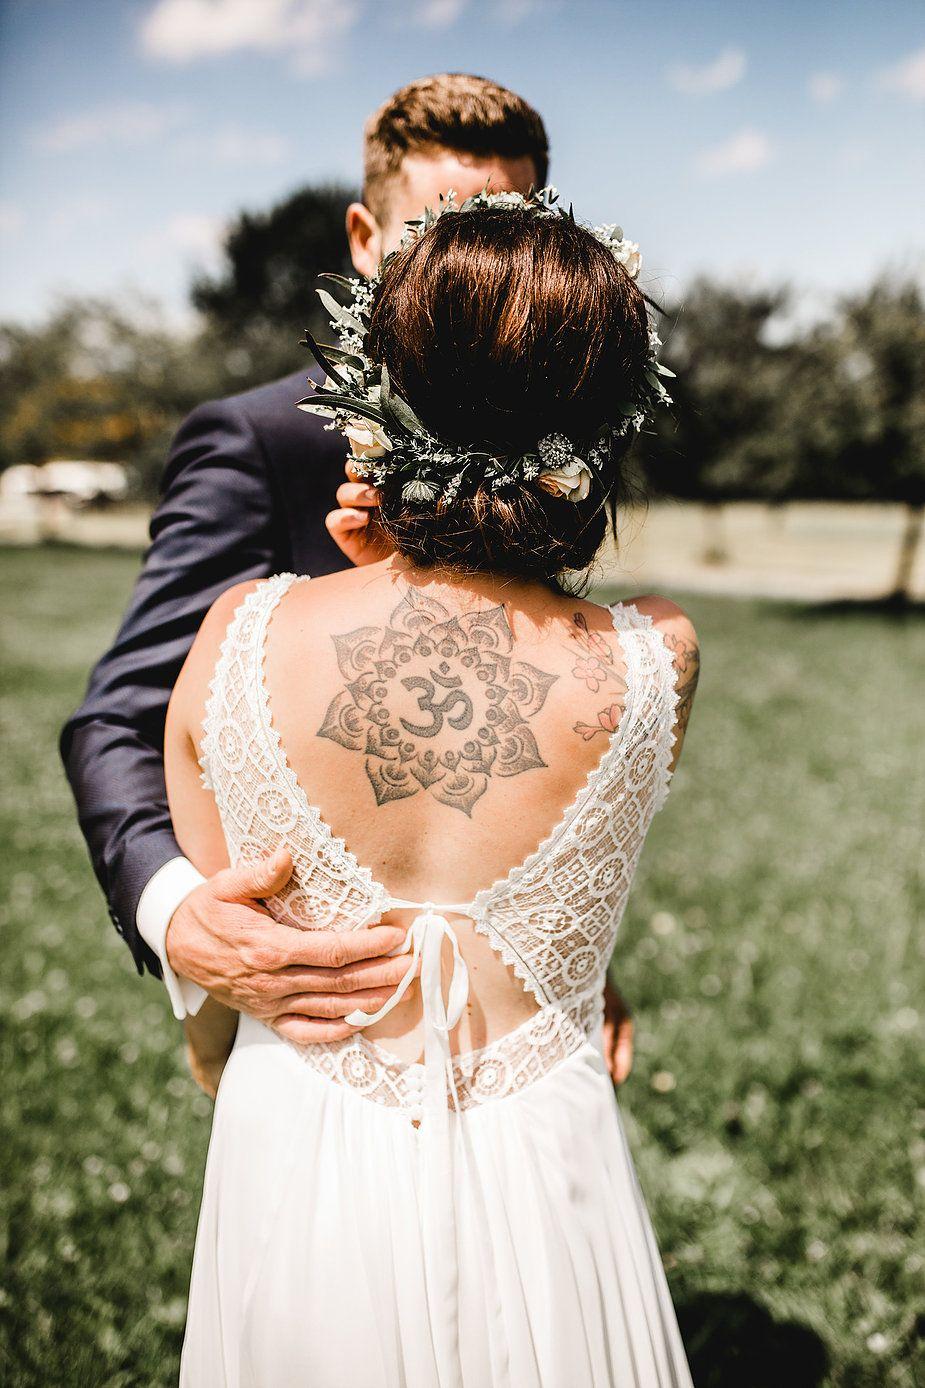 Ein sommerlicher Hochzeitstag im rustikalen Vintage Look